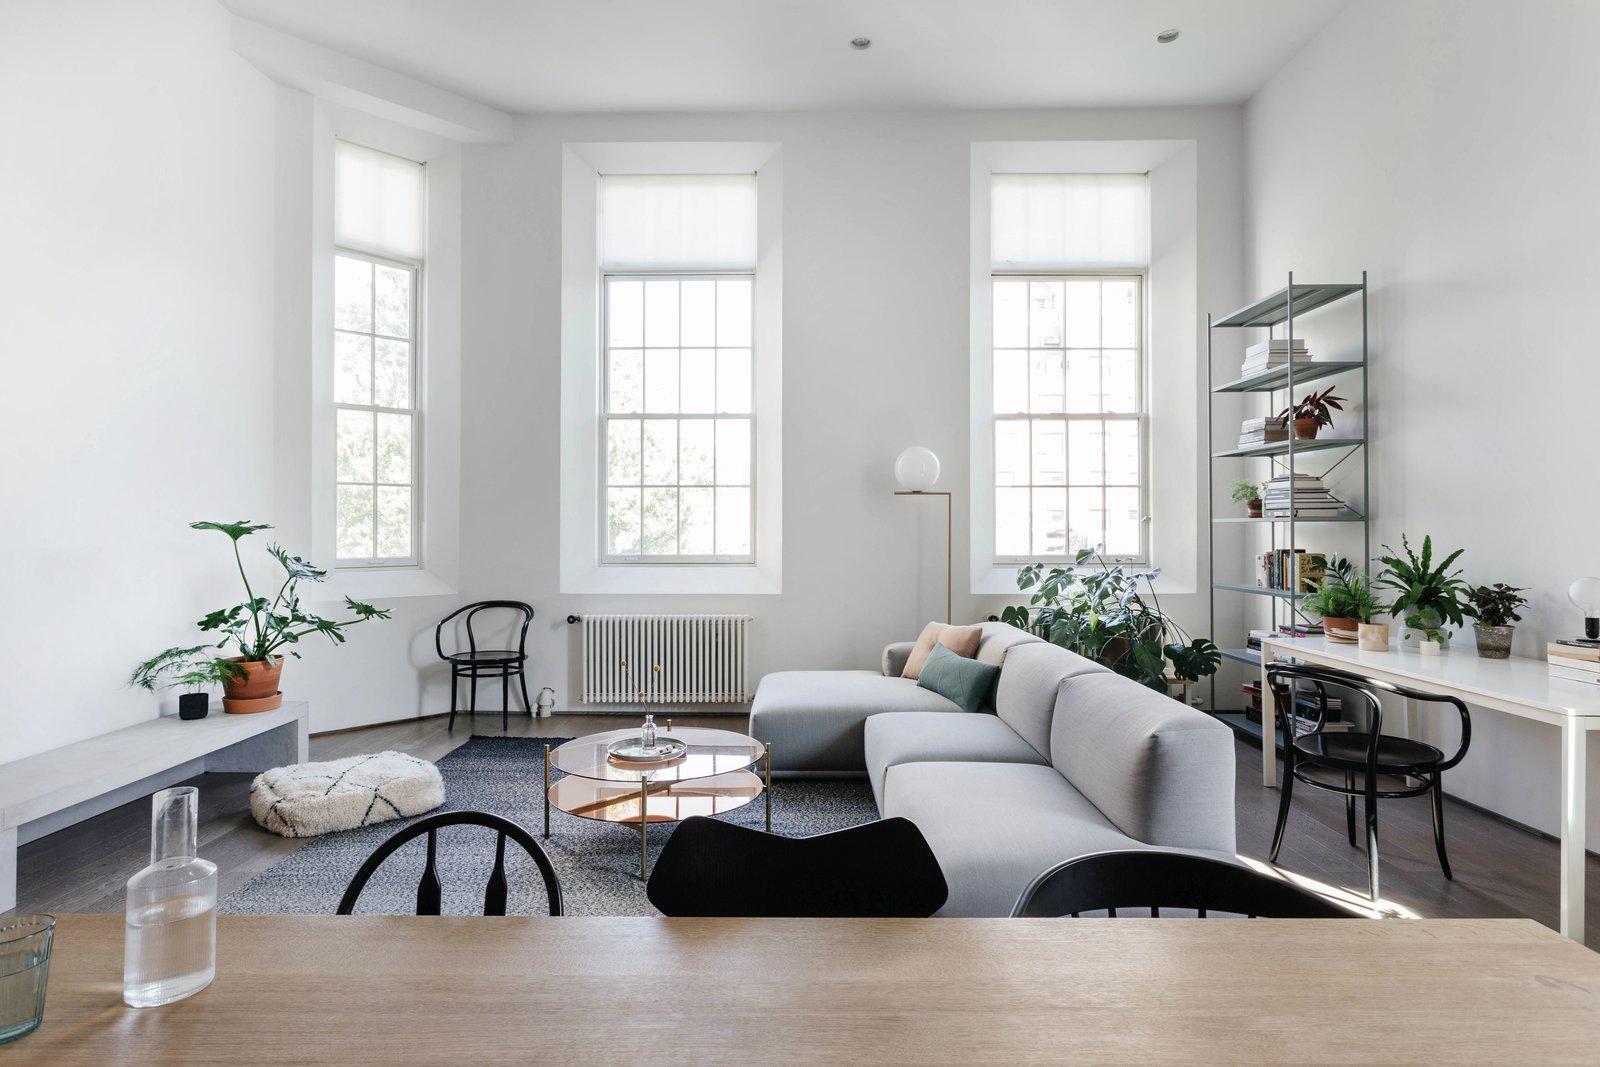 Ruang keluarga yang super nyaman untuk berkumpul (Sumber: dwell.com)